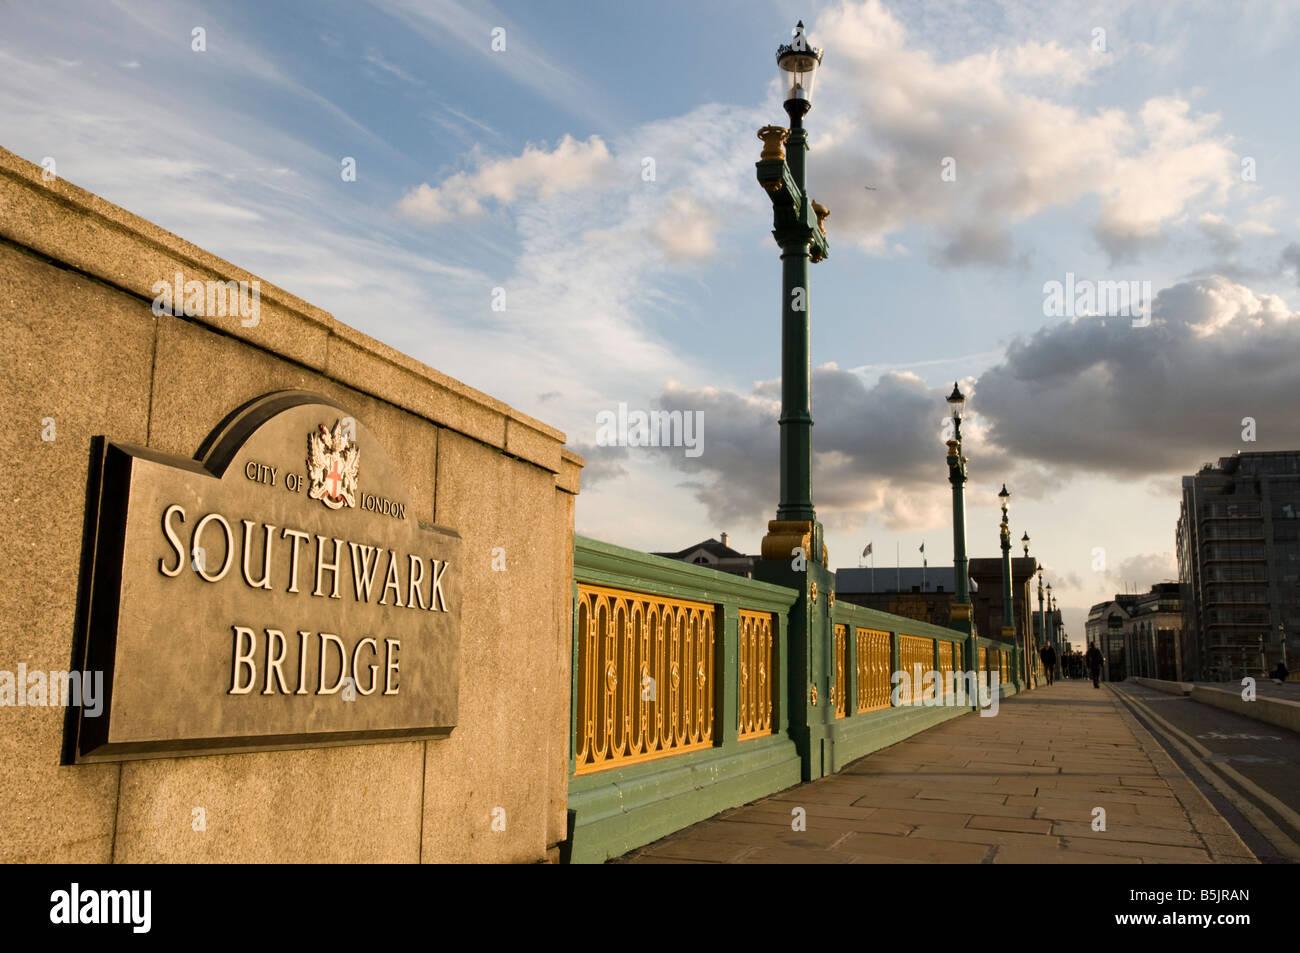 Southwark Bridge London England UK - Stock Image